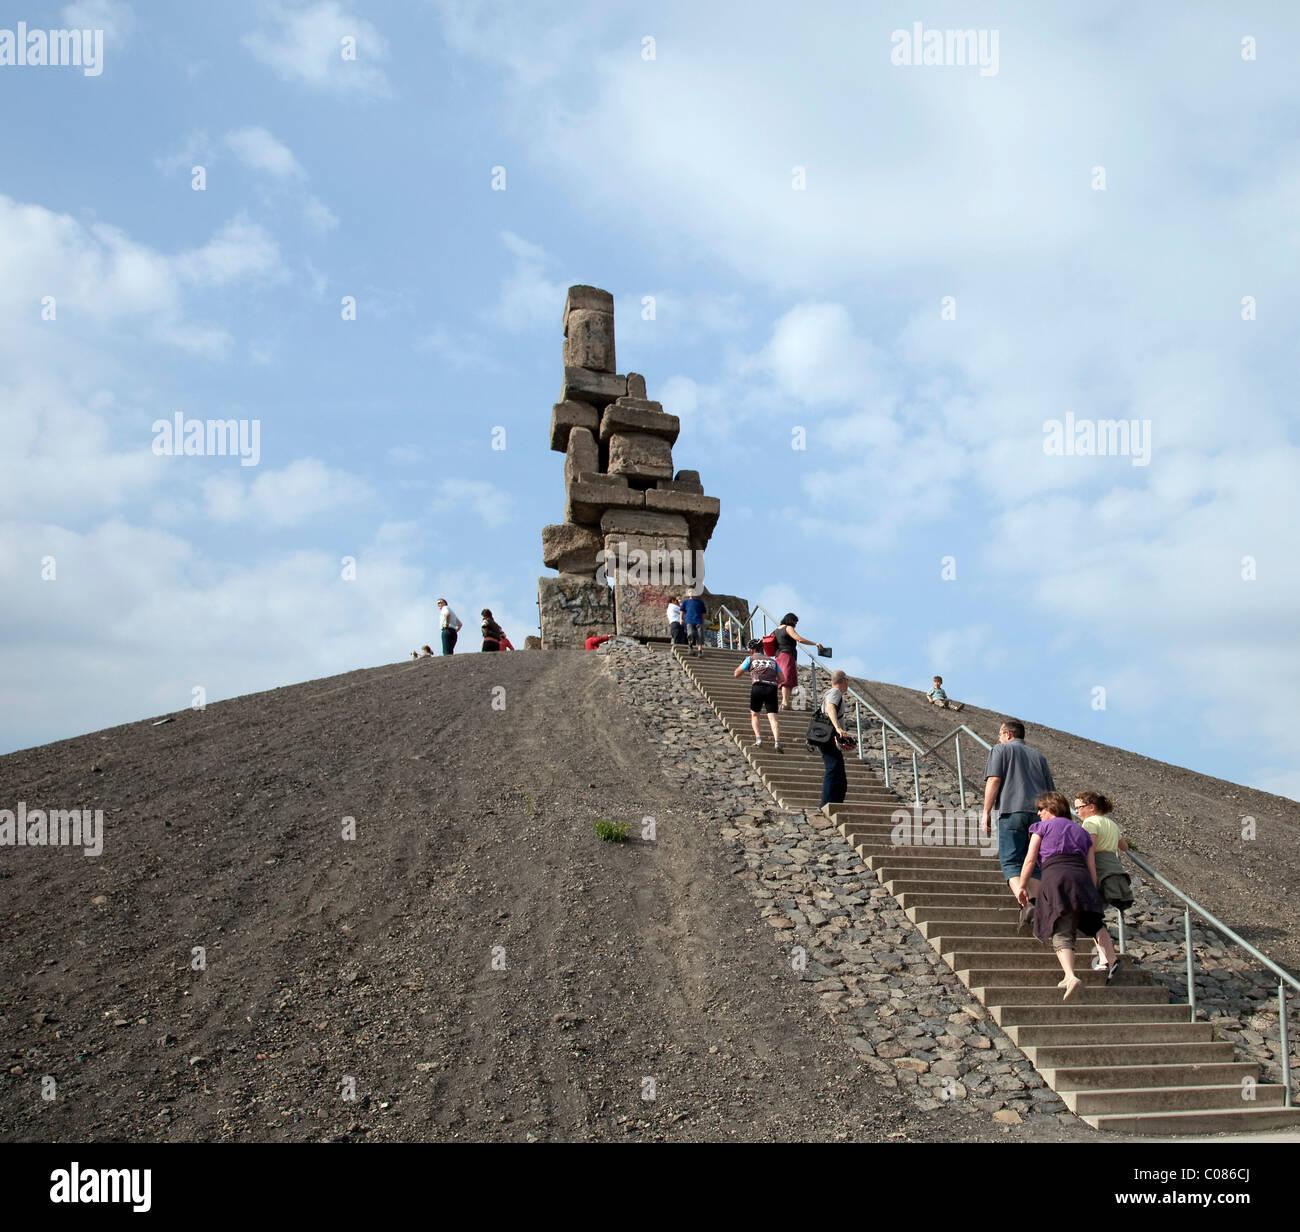 Halde Rheinelbe dump, landmark with sculpture Himmelsleiter or Jacob's Ladder, Stairway to Heaven, Gelsenkirchen - Stock Image